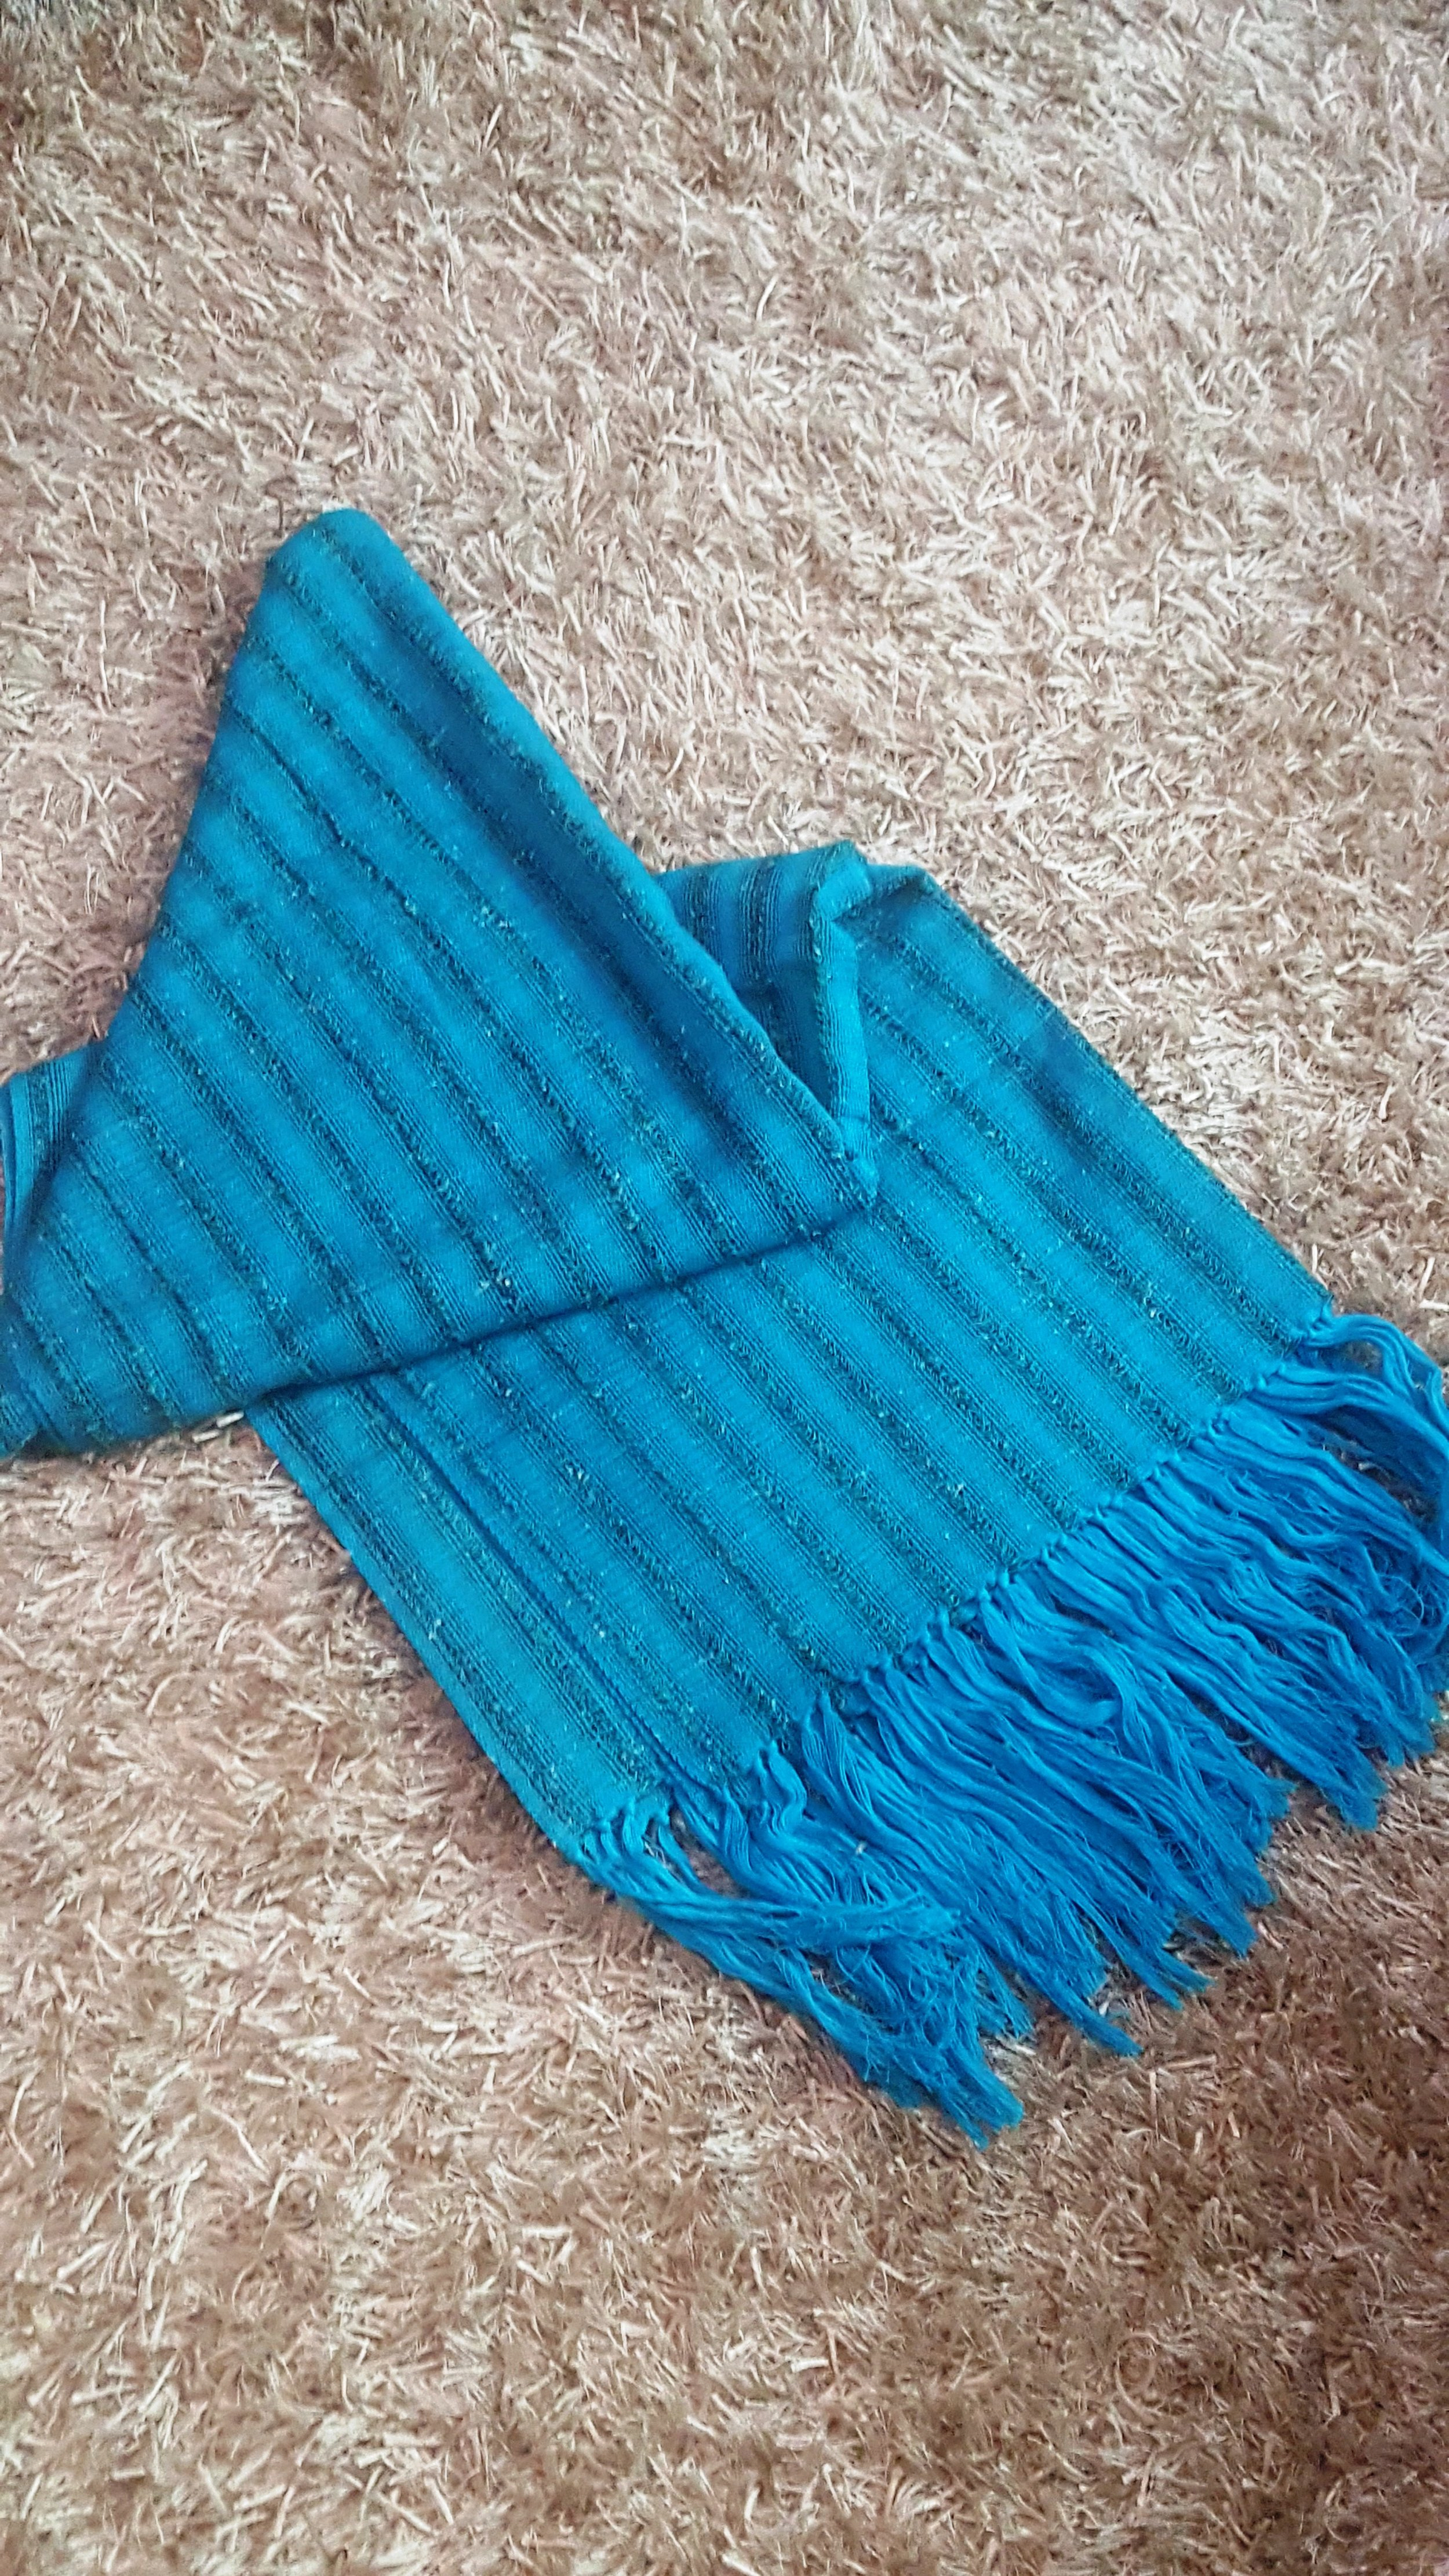 Etole, coton et viscose - Bleu turquoise - 60 000 F CFA